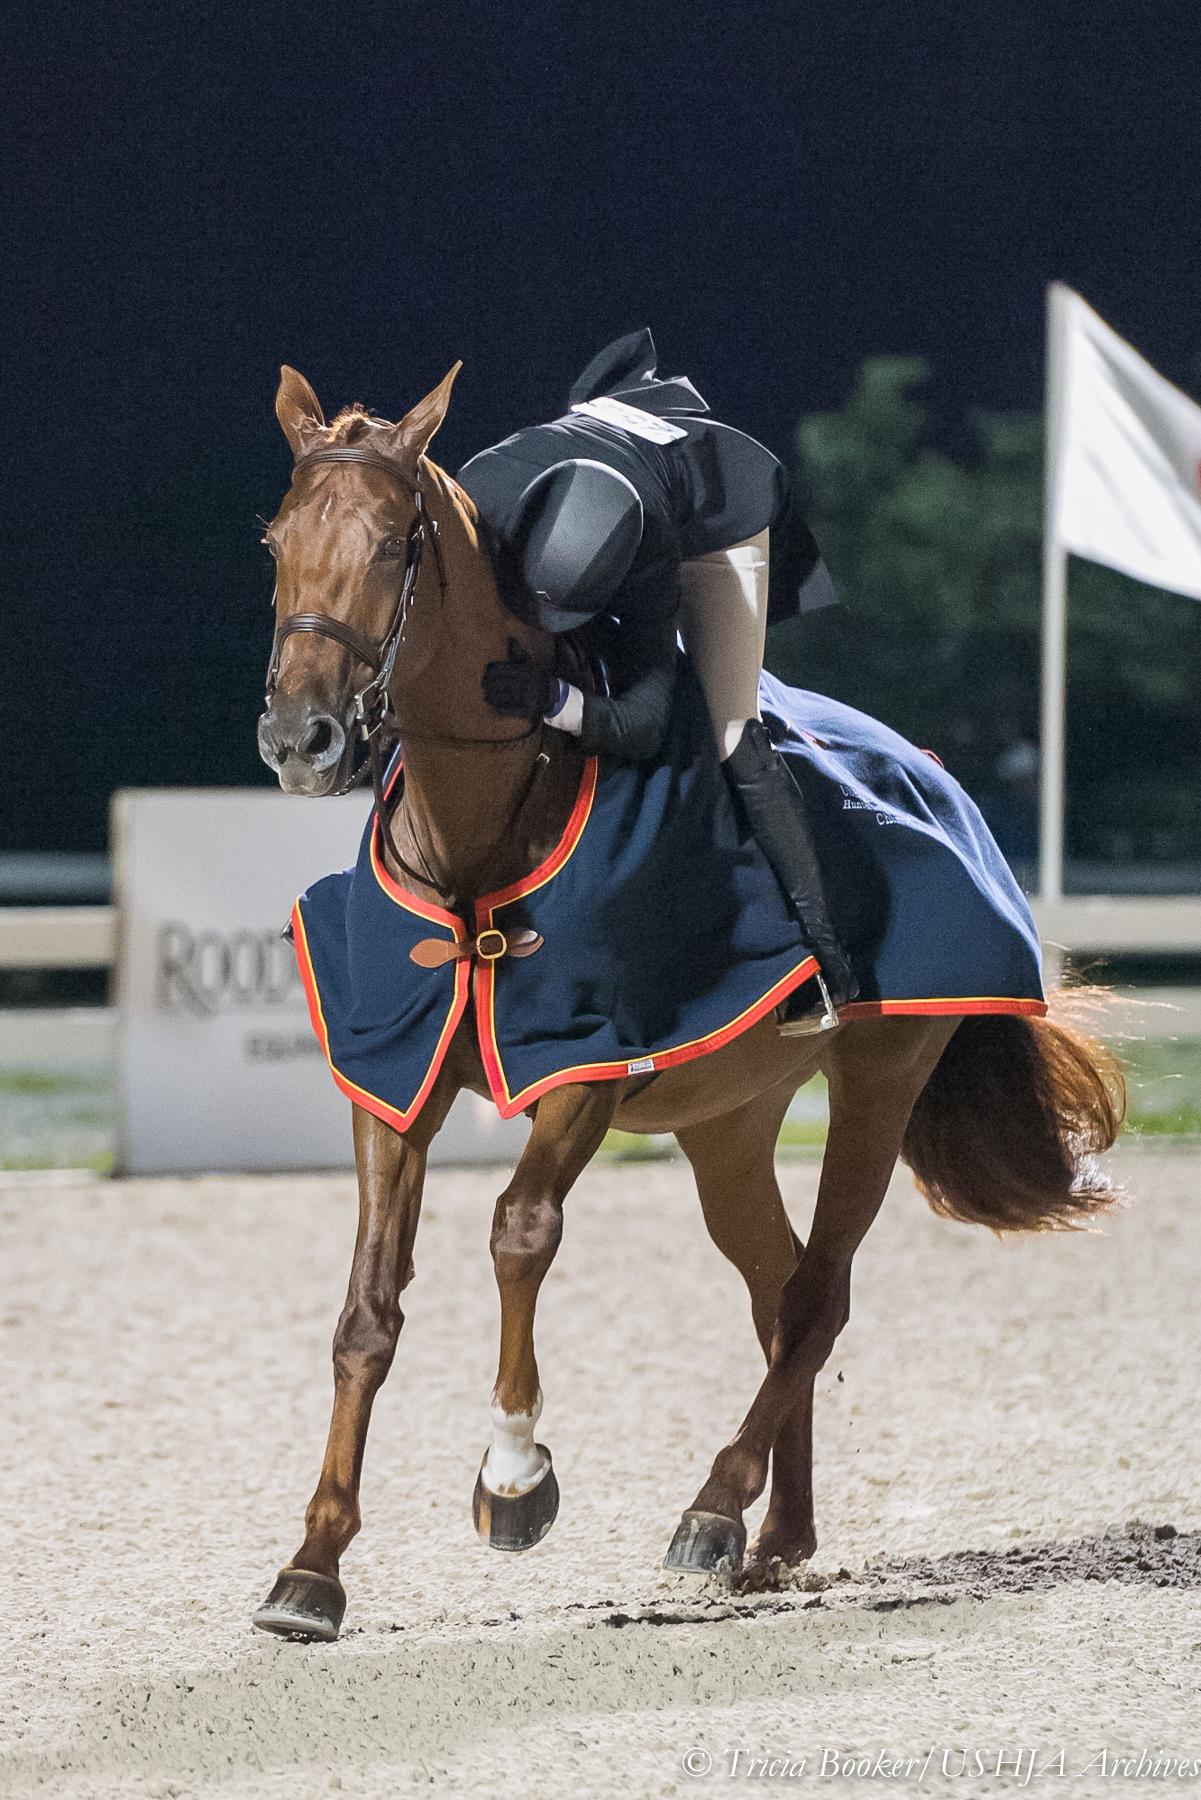 Victory gallop hug!